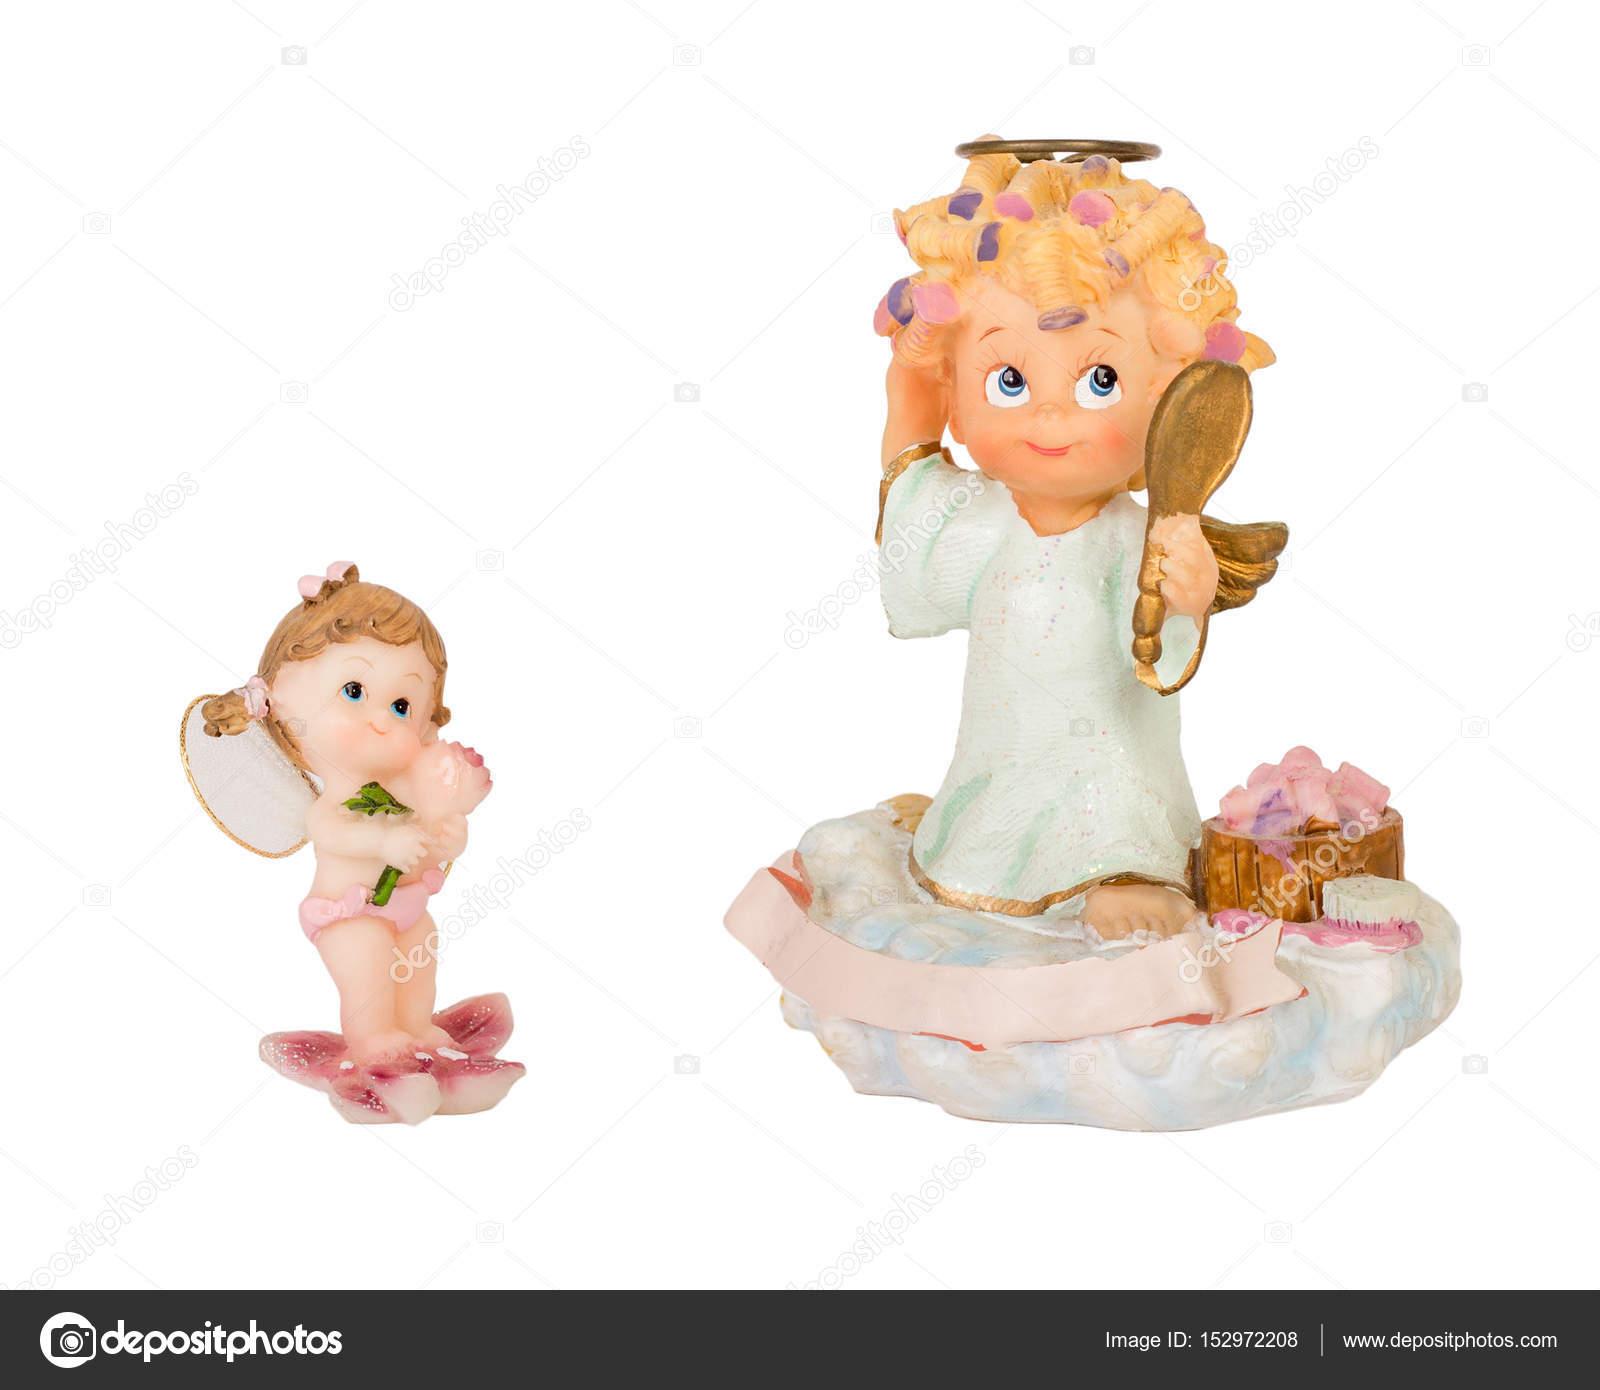 Fotos Angeles Bebes Estatuilla De ángeles Lindos Foto De Stock